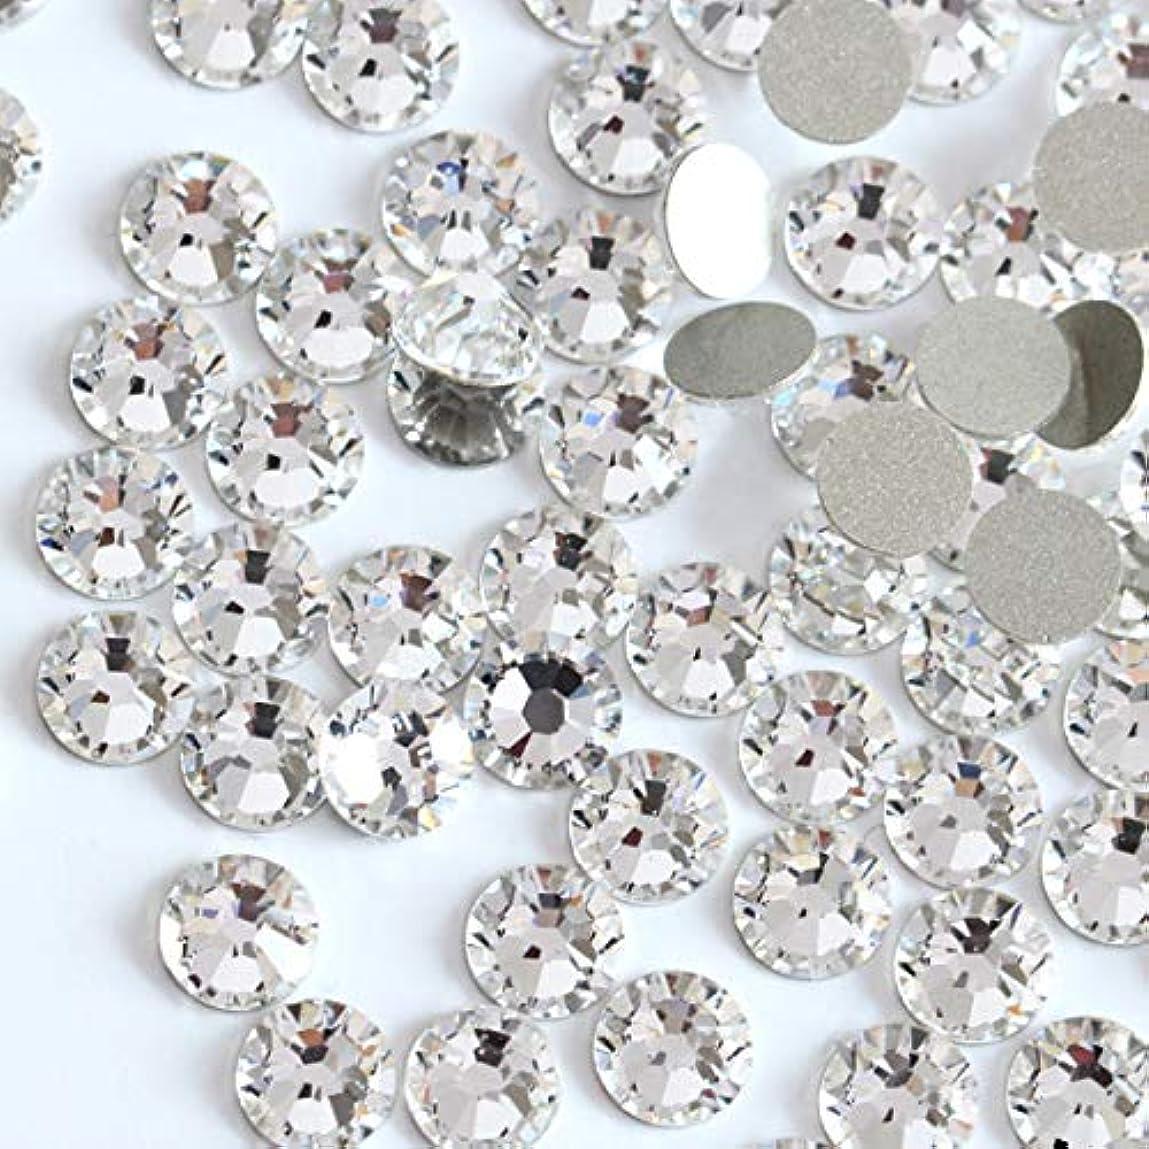 減らすヒント責【ラインストーン77】 超高級 ガラス製ラインストーン SS4~SS40 クリスタル スワロフスキー同等 (1.3mm (SS3) 約200粒)